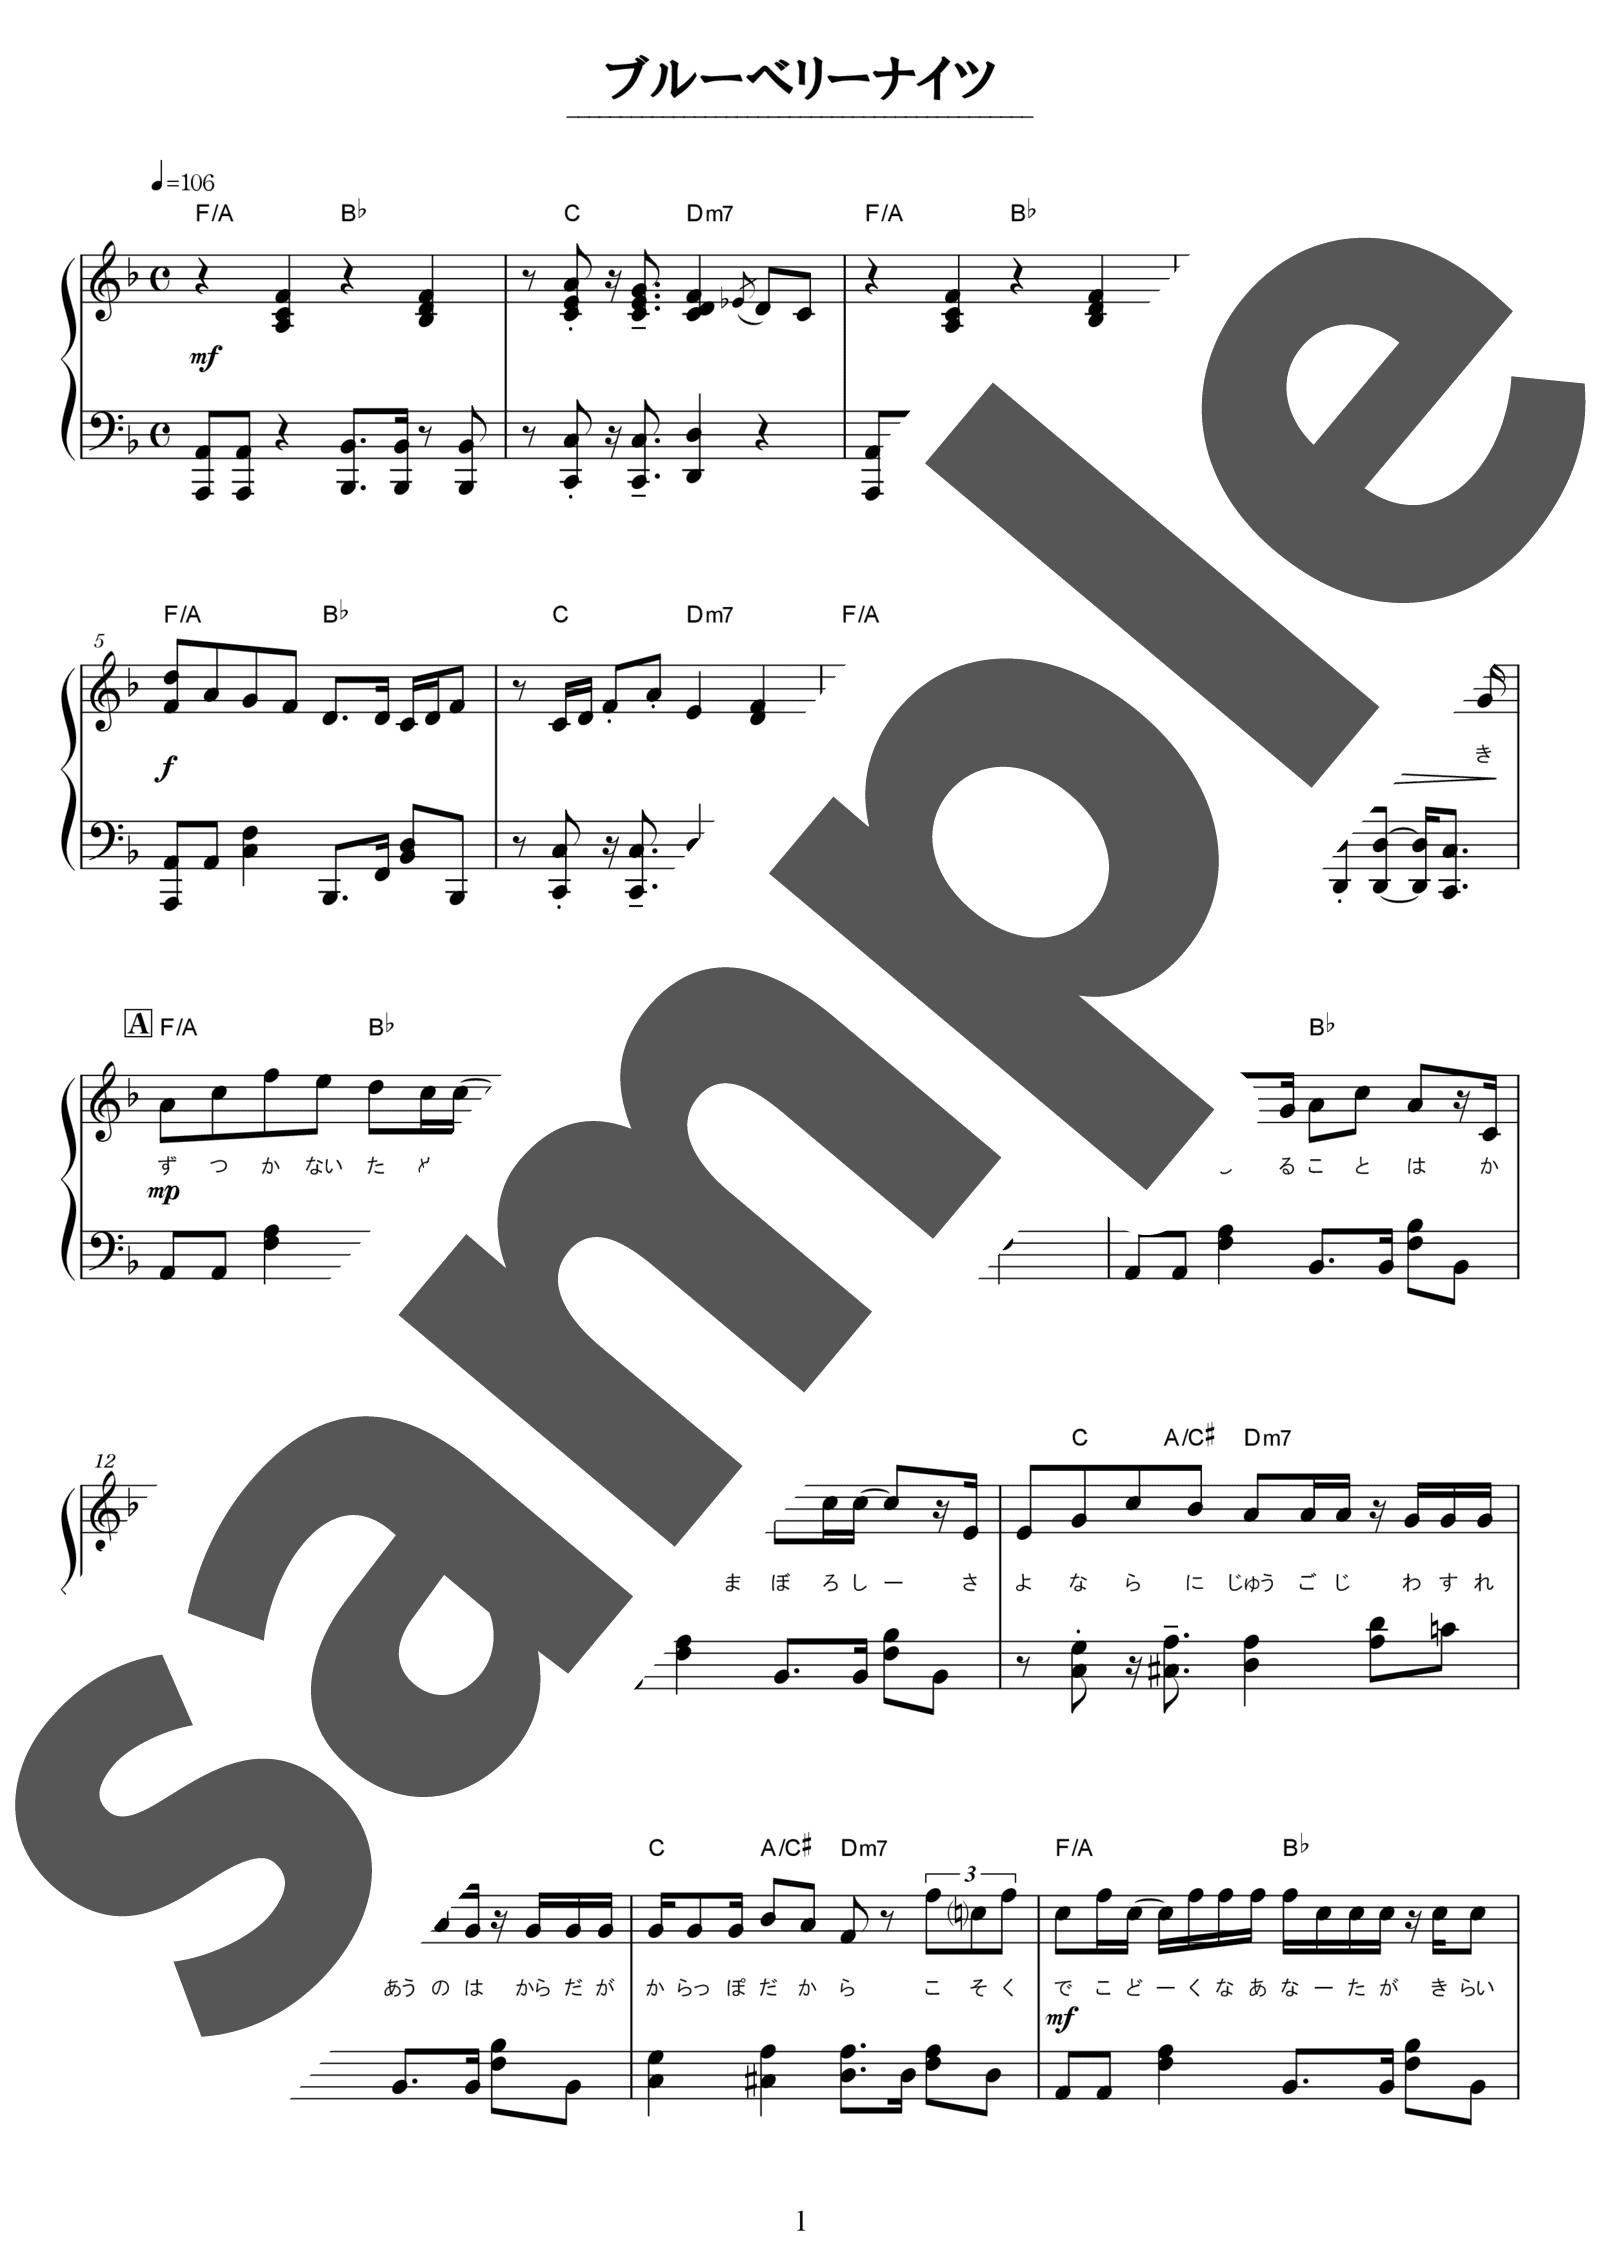 「ブルーベリー・ナイツ」のサンプル楽譜